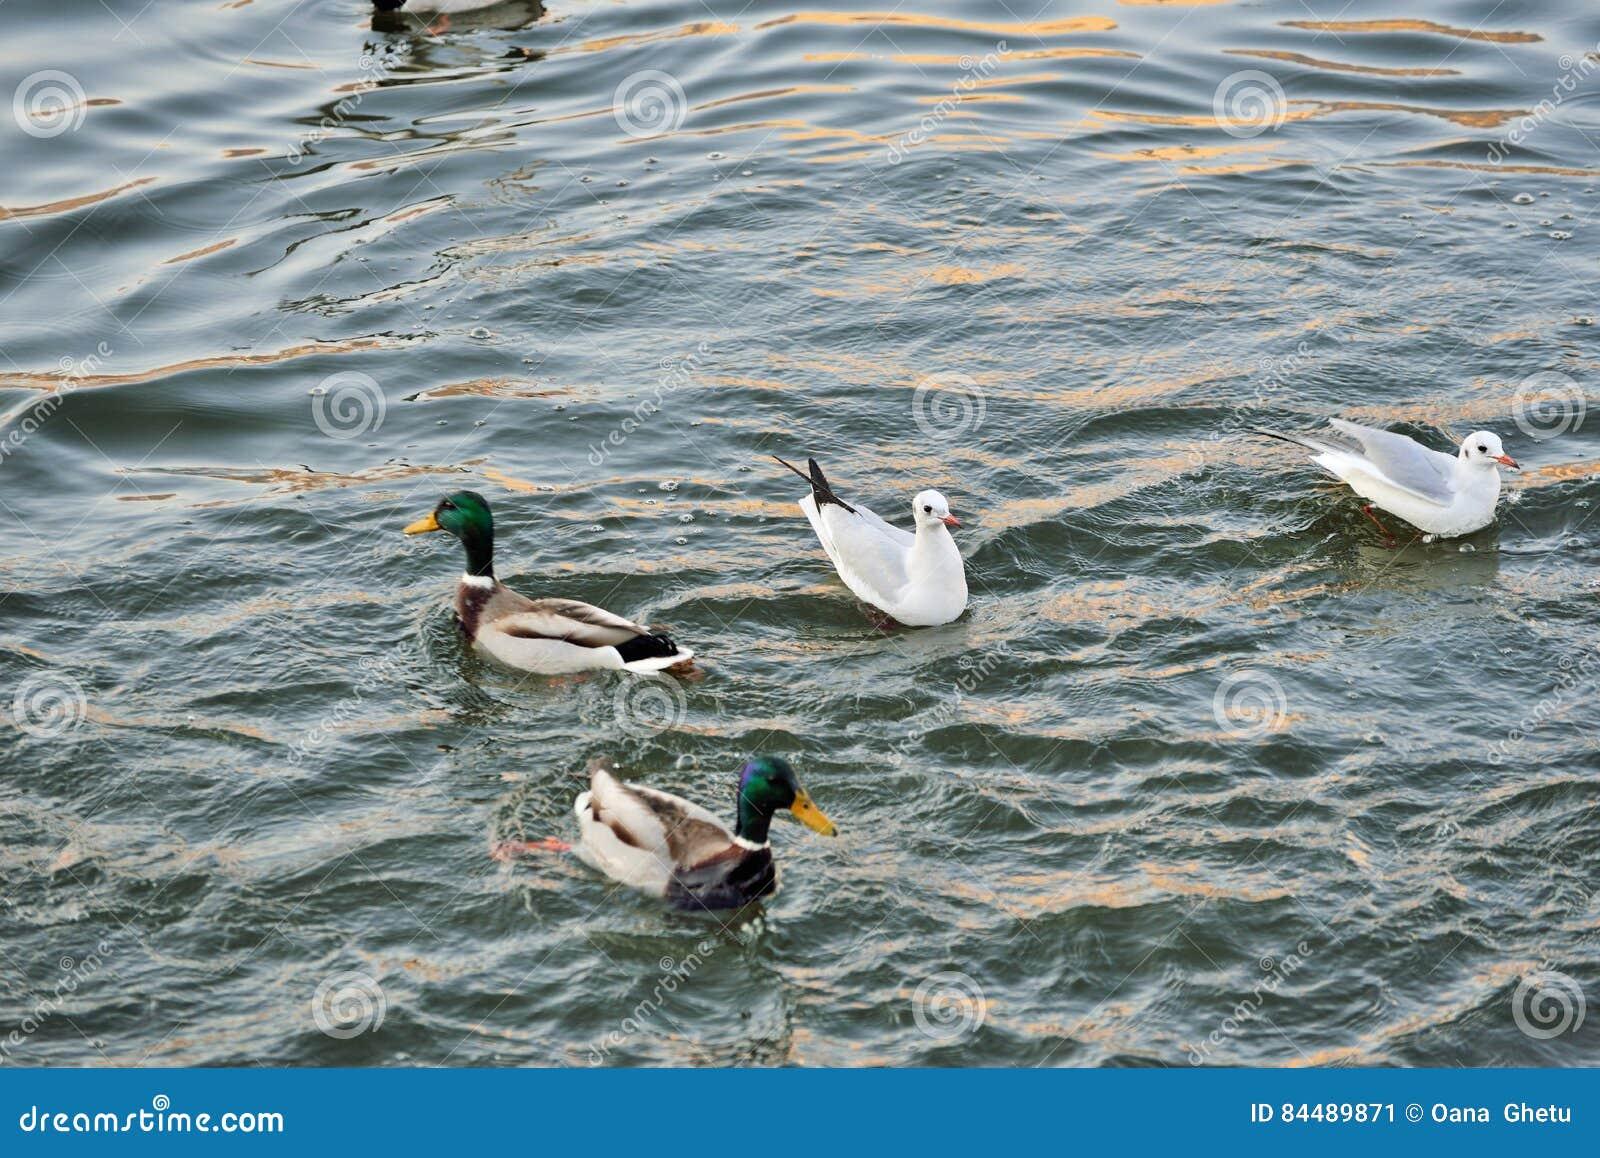 Cygnes, canards et mouettes sur la rivière